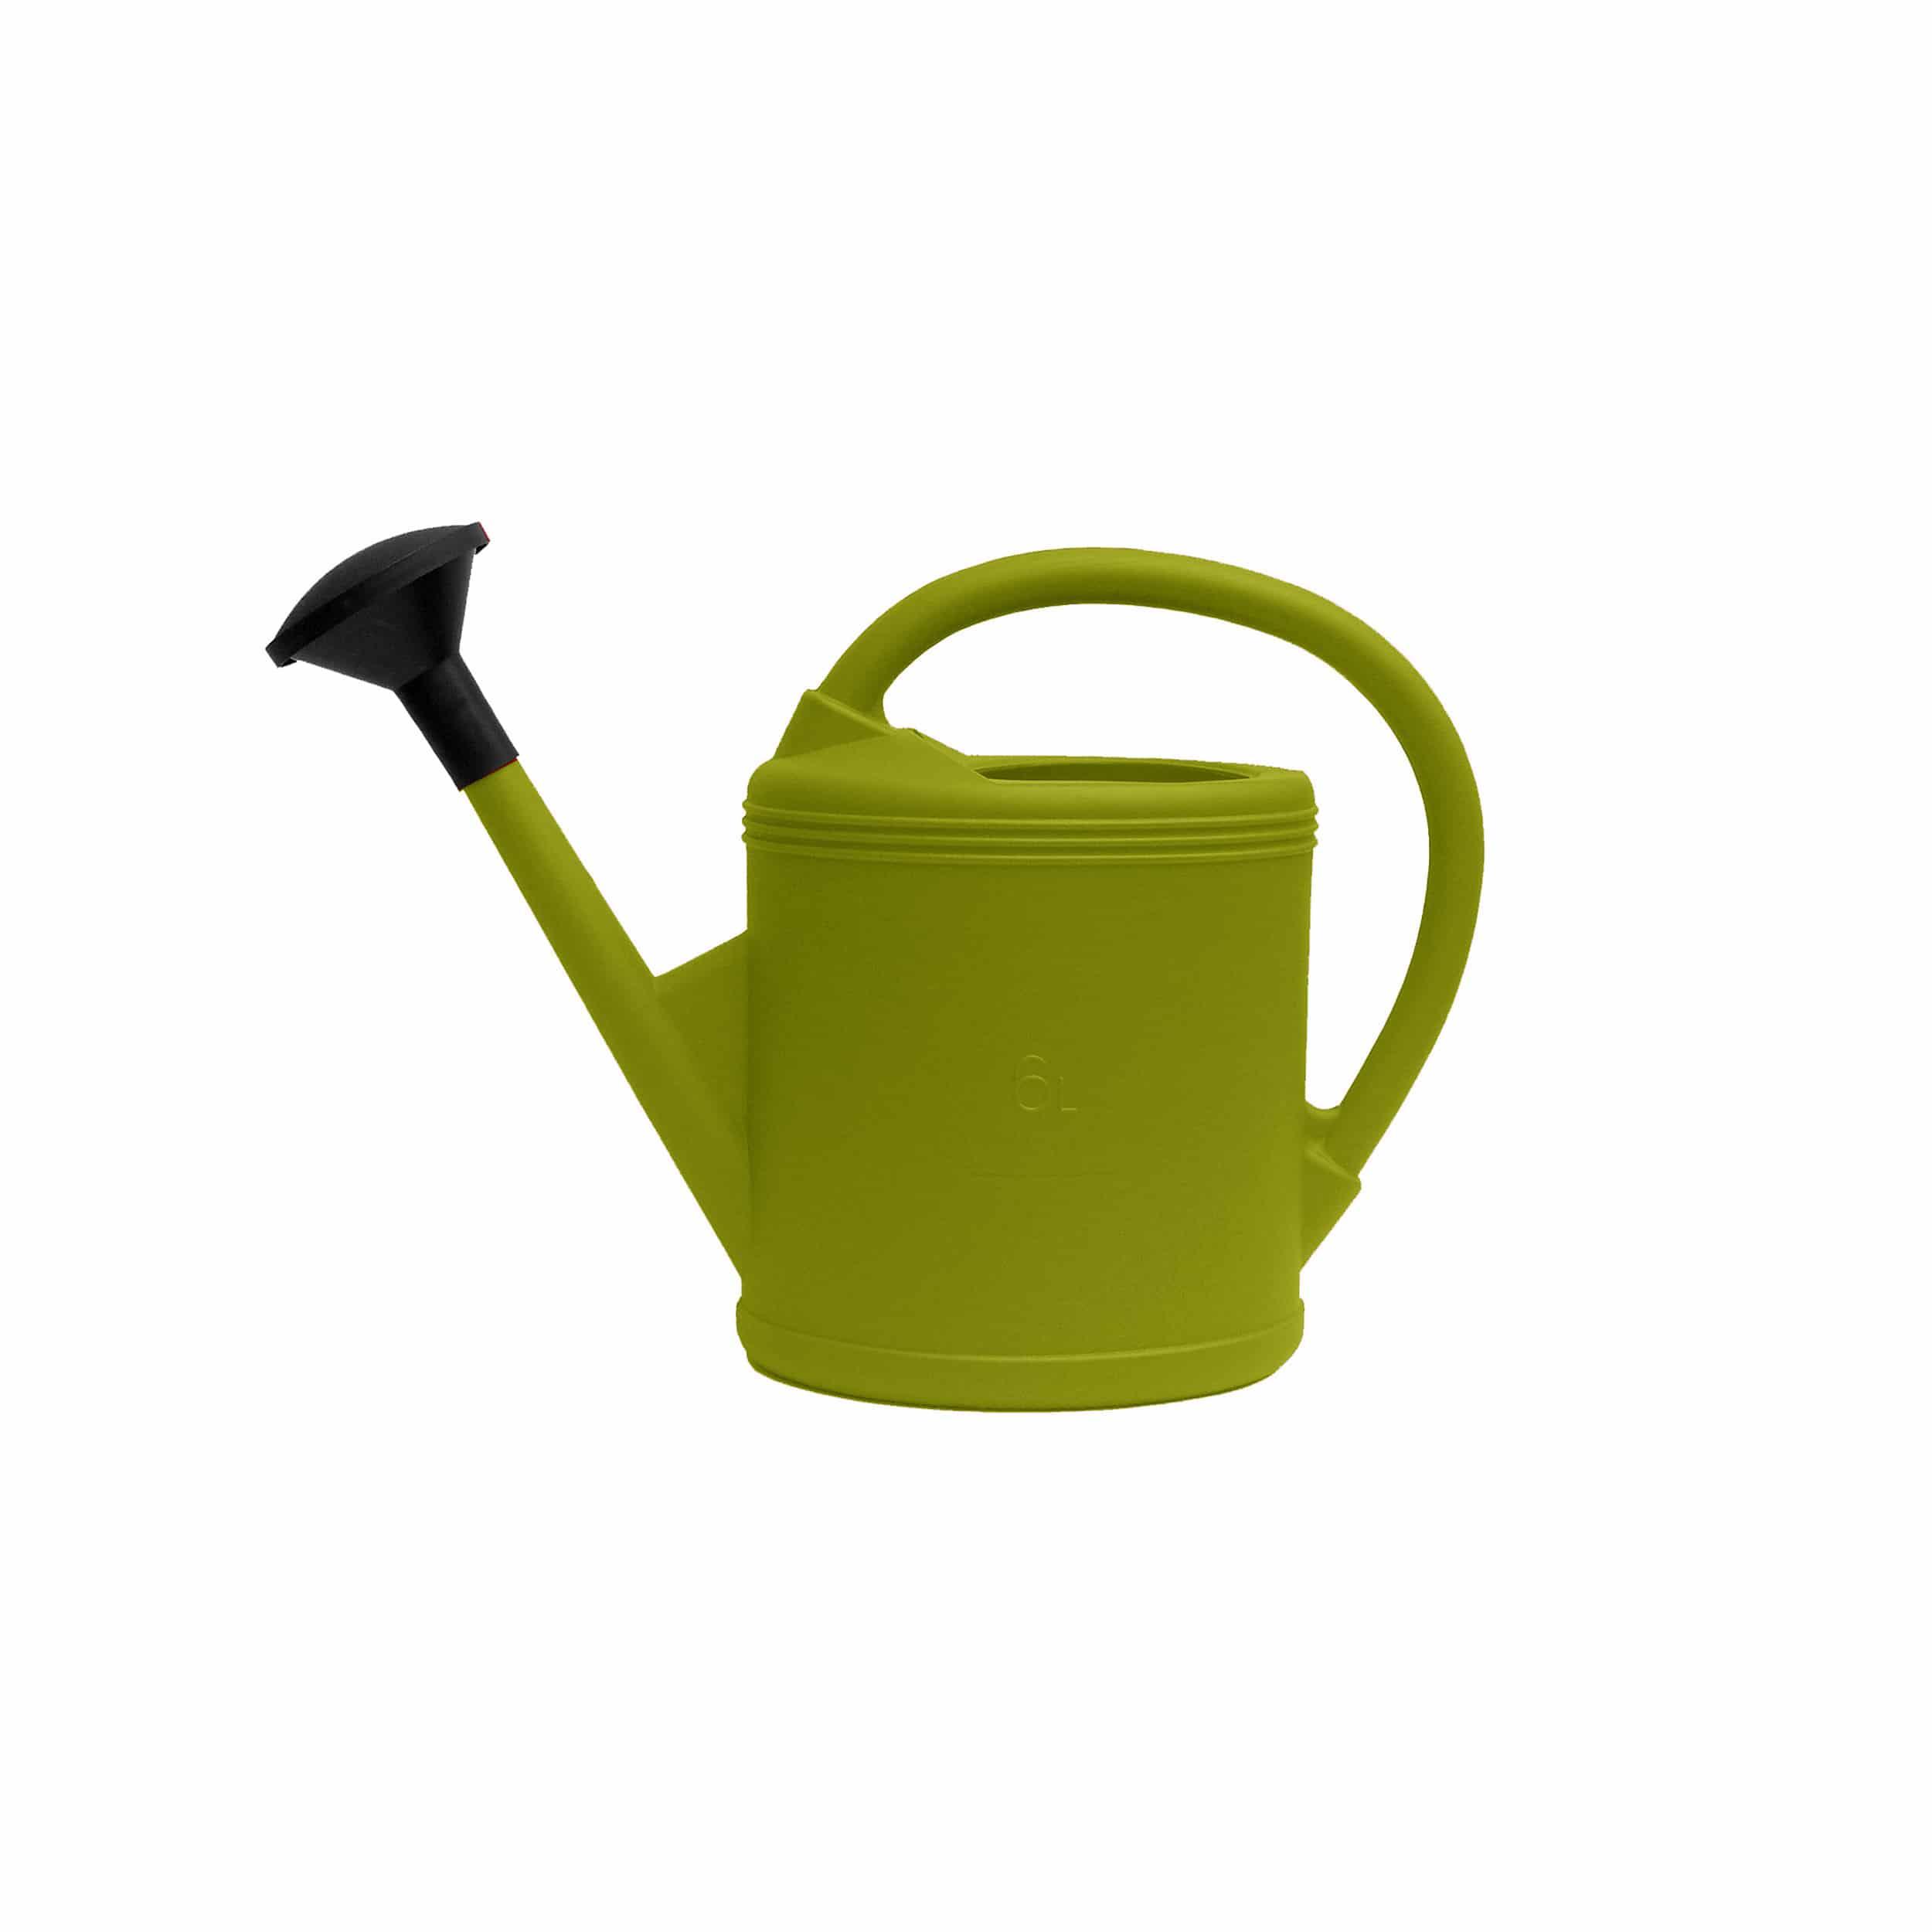 Gießkanne 6 Liter limegrün